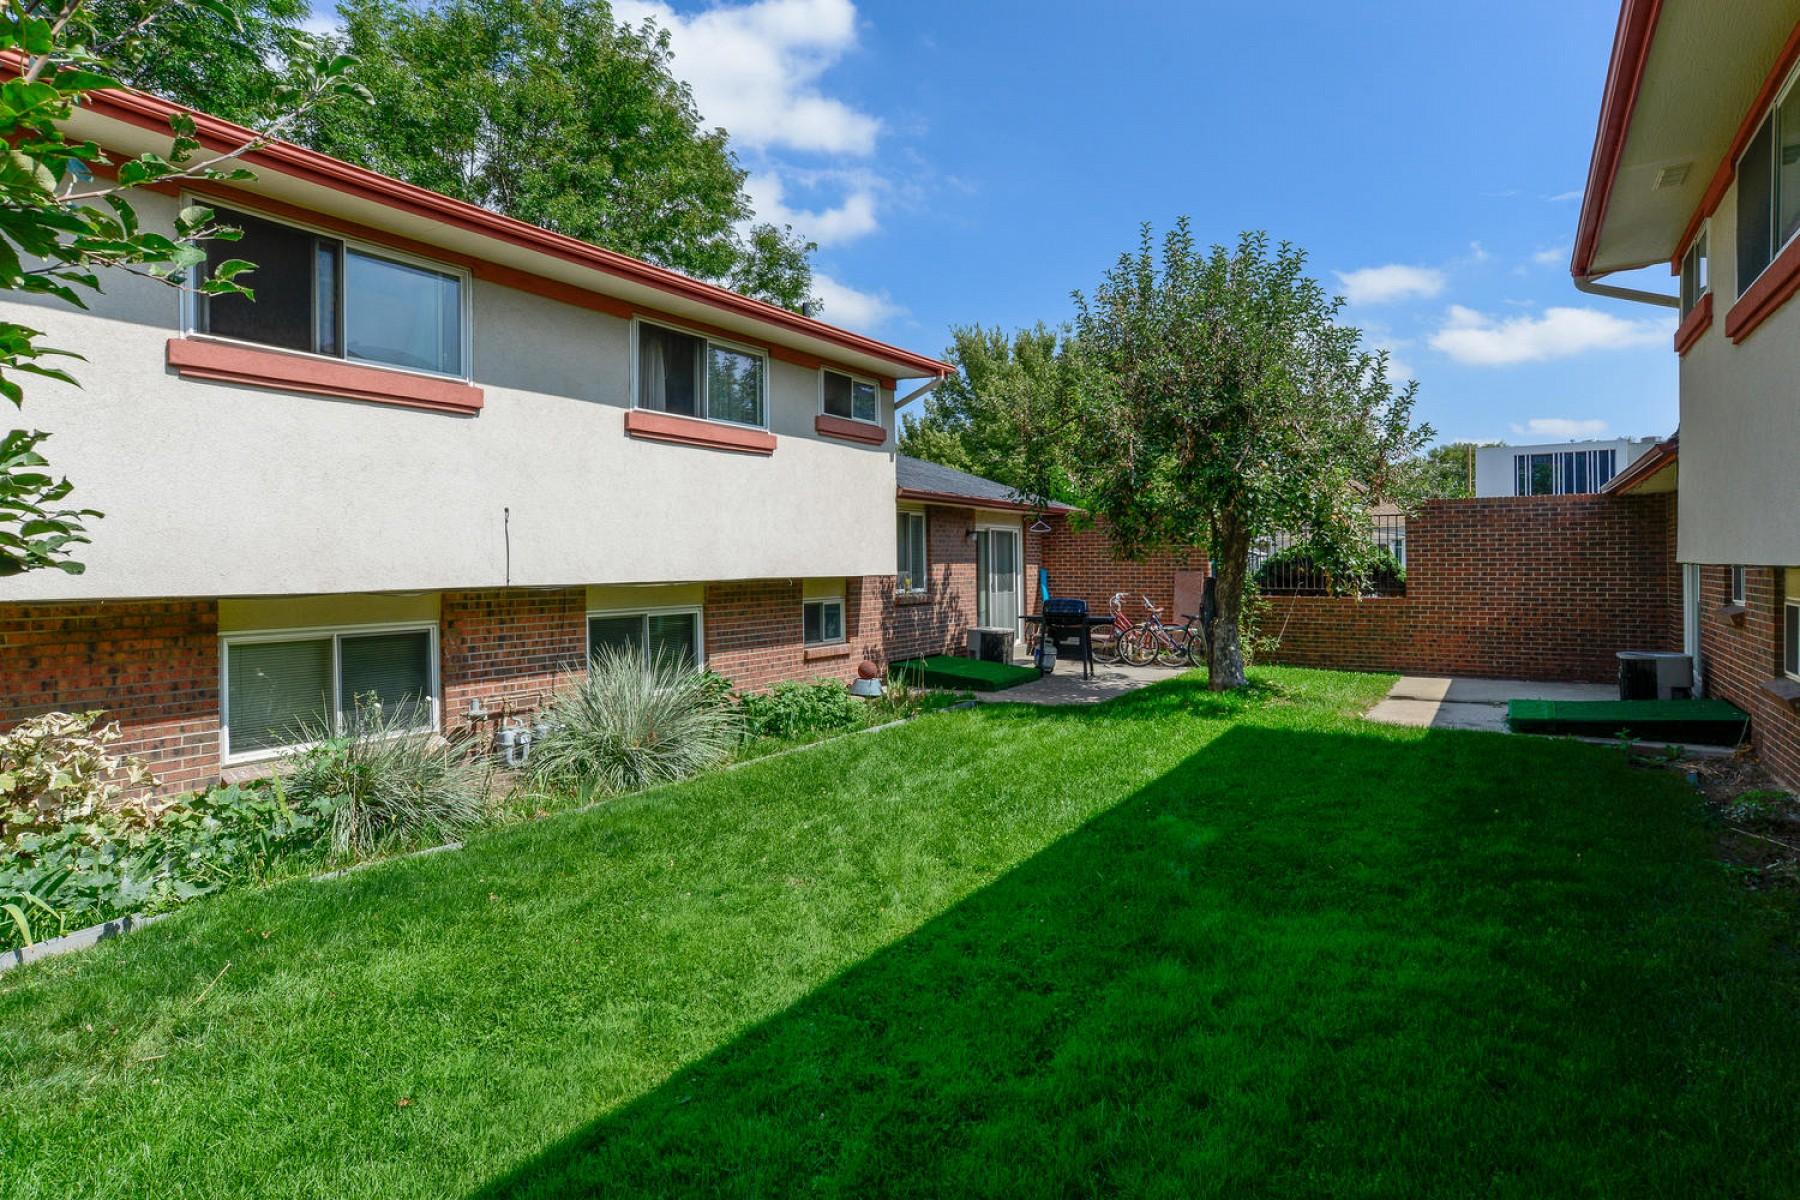 4600 W. 41st Avenue, Denver, CO 80212